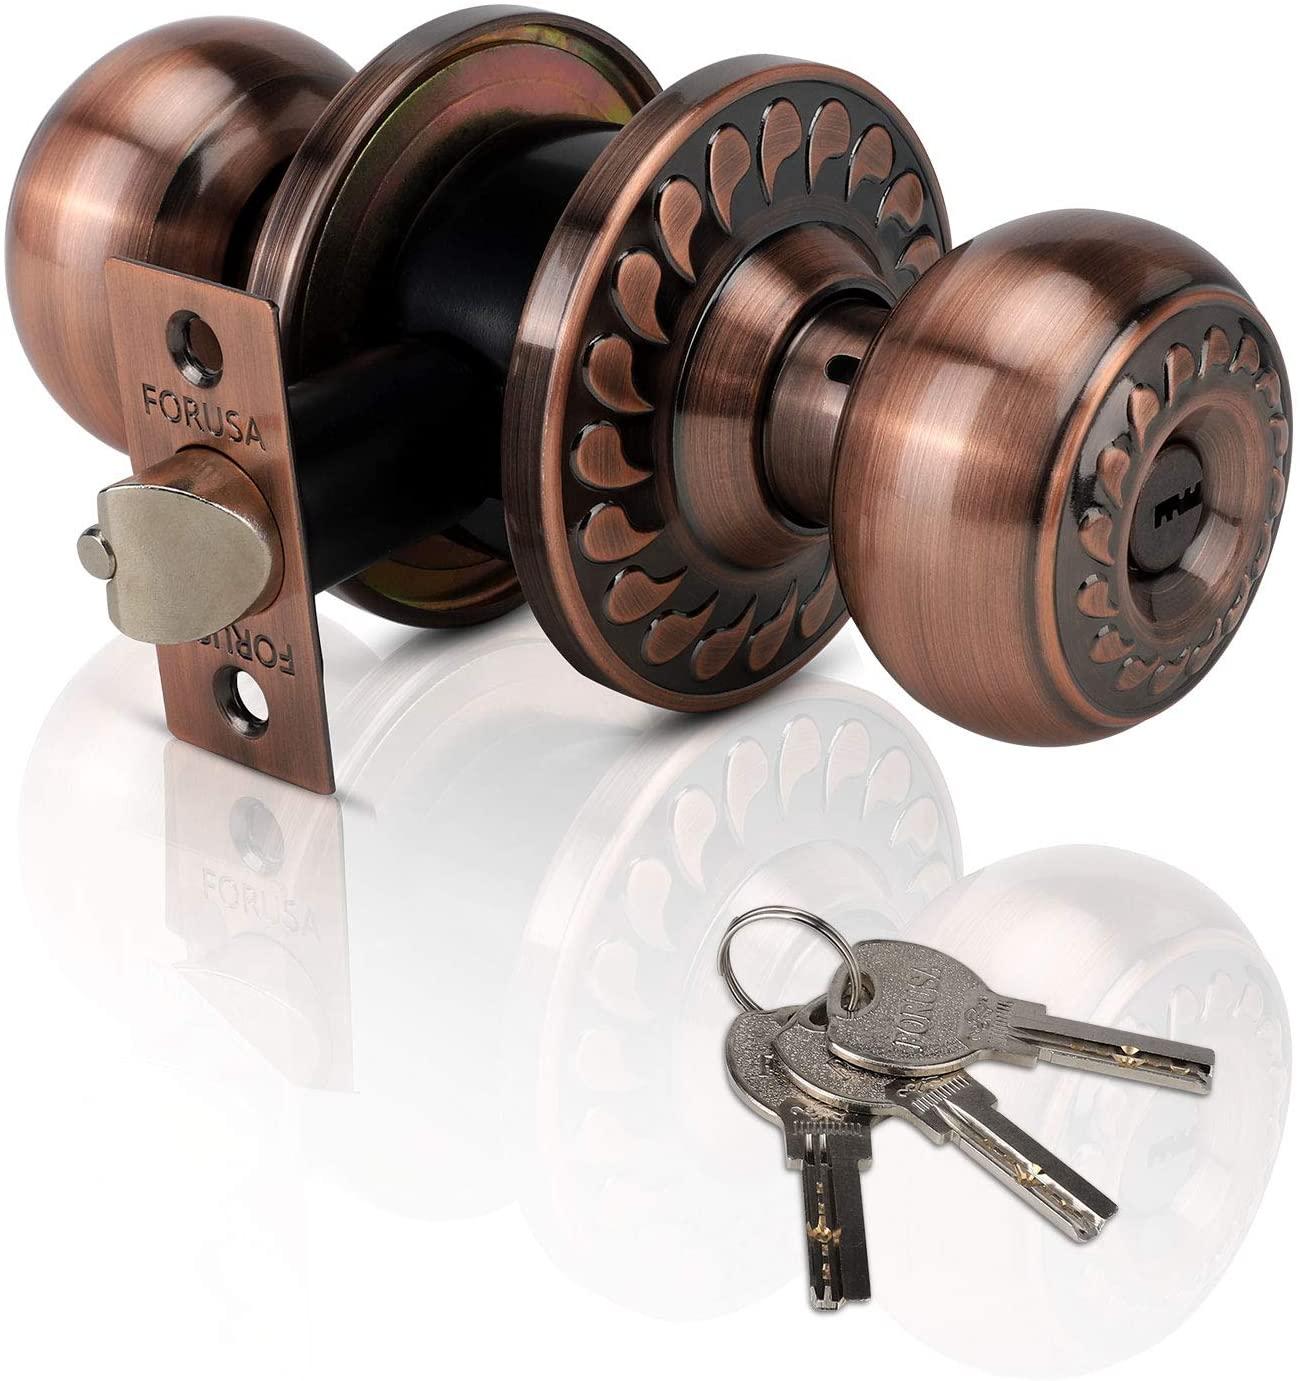 XIUDI Ball Privacy Door Knobs with Lock and 3 Keys Bronze,Bedroom Doorknob with Lock Keyed, Interior/Entry Stainless Steel Door Handle Lockset,Exterior Privacy Bathroom and Bedroom (Raindrops Bronze)